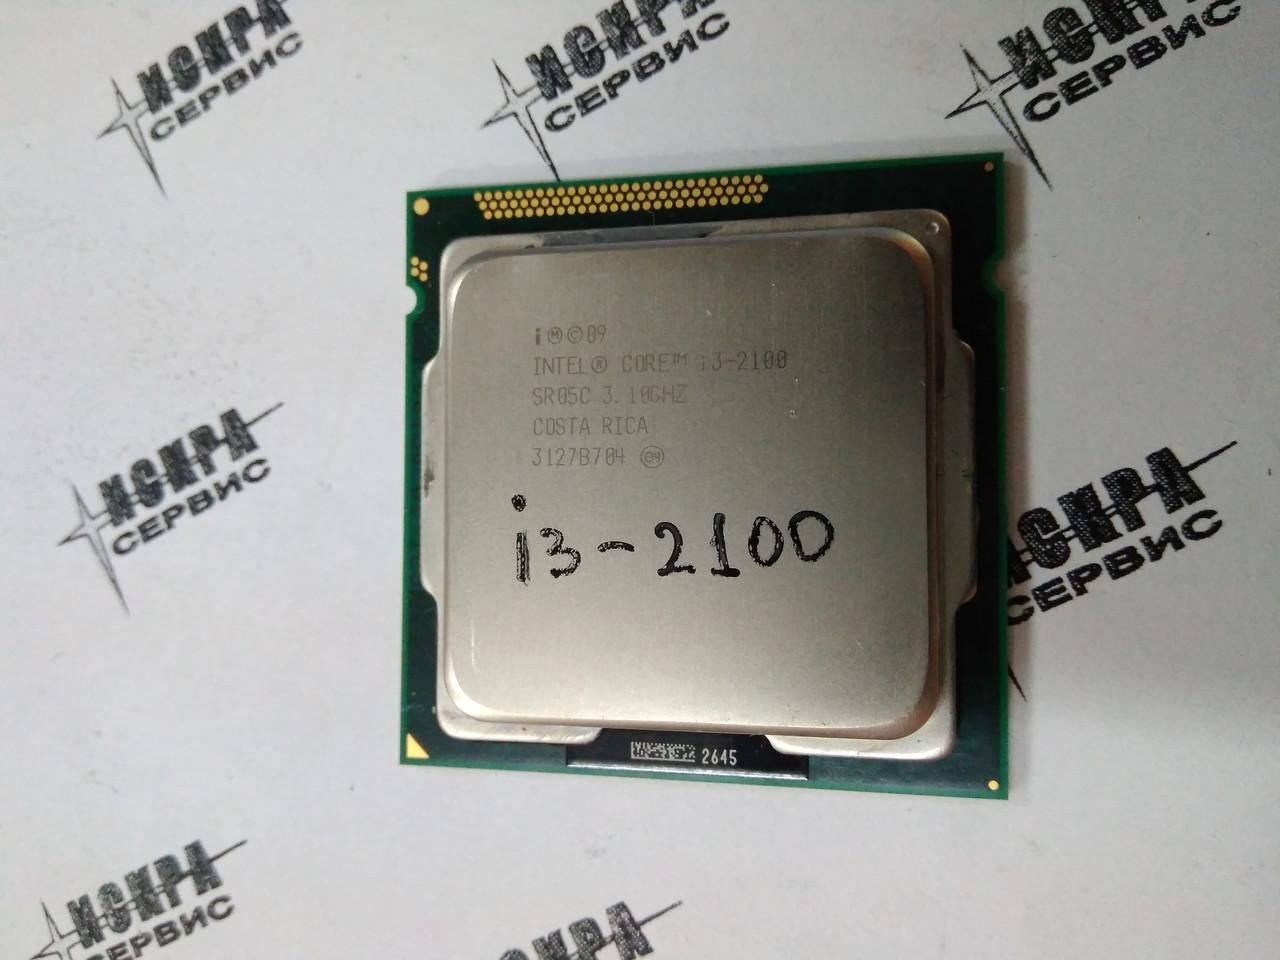 Процессор Intel I3-2100 (3M Cache, 3.10GHz) Socket 1155 - ИскраСервис в Киеве